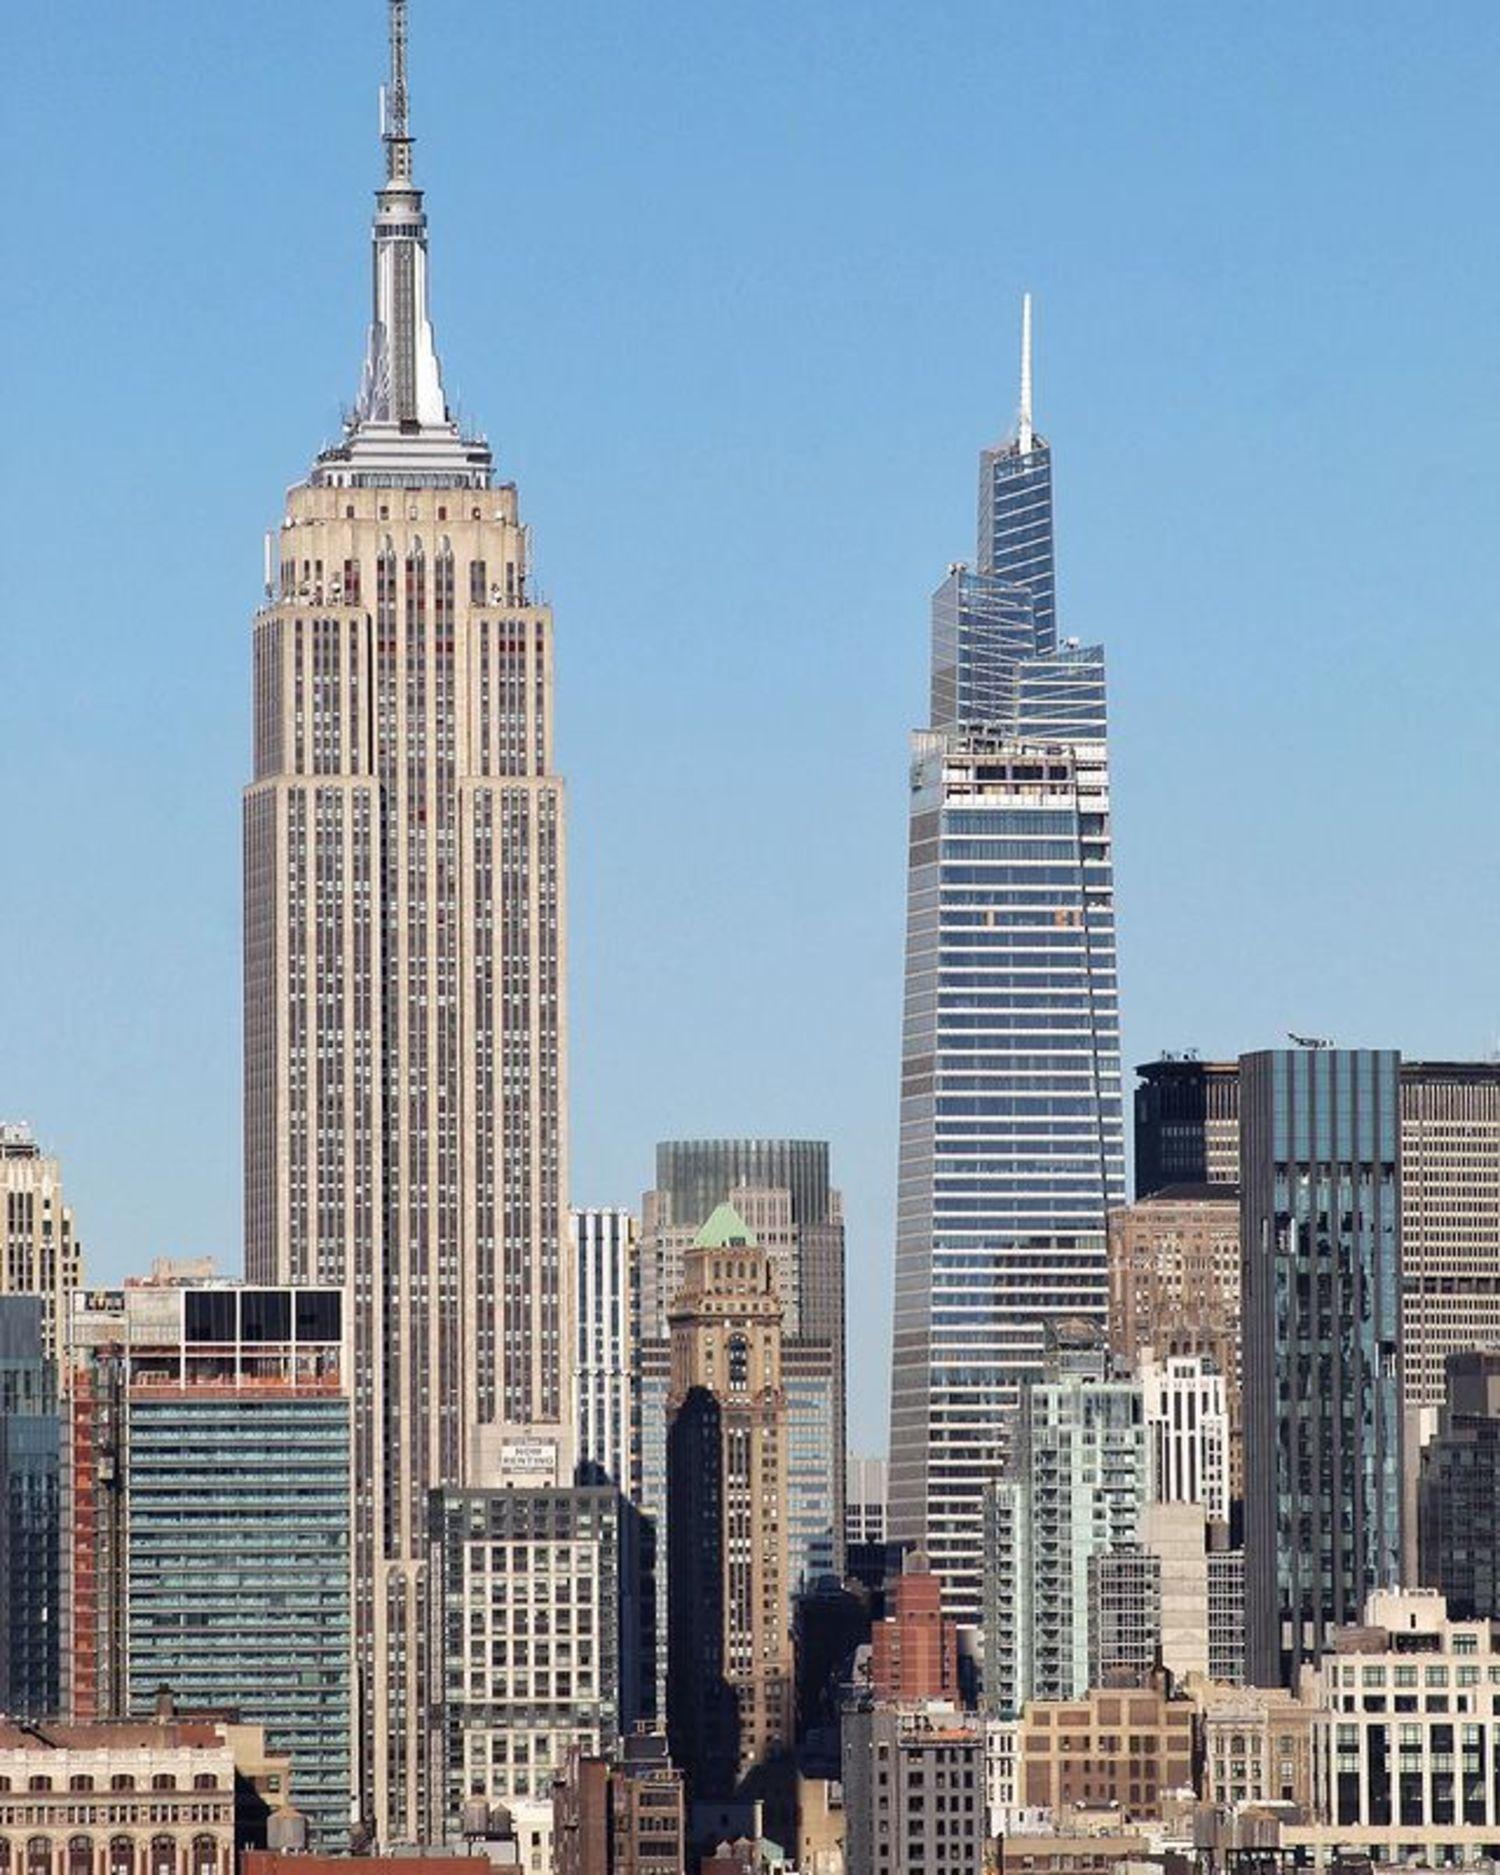 Empire State Building and One Vanderbilt, Midtown, Manhattan